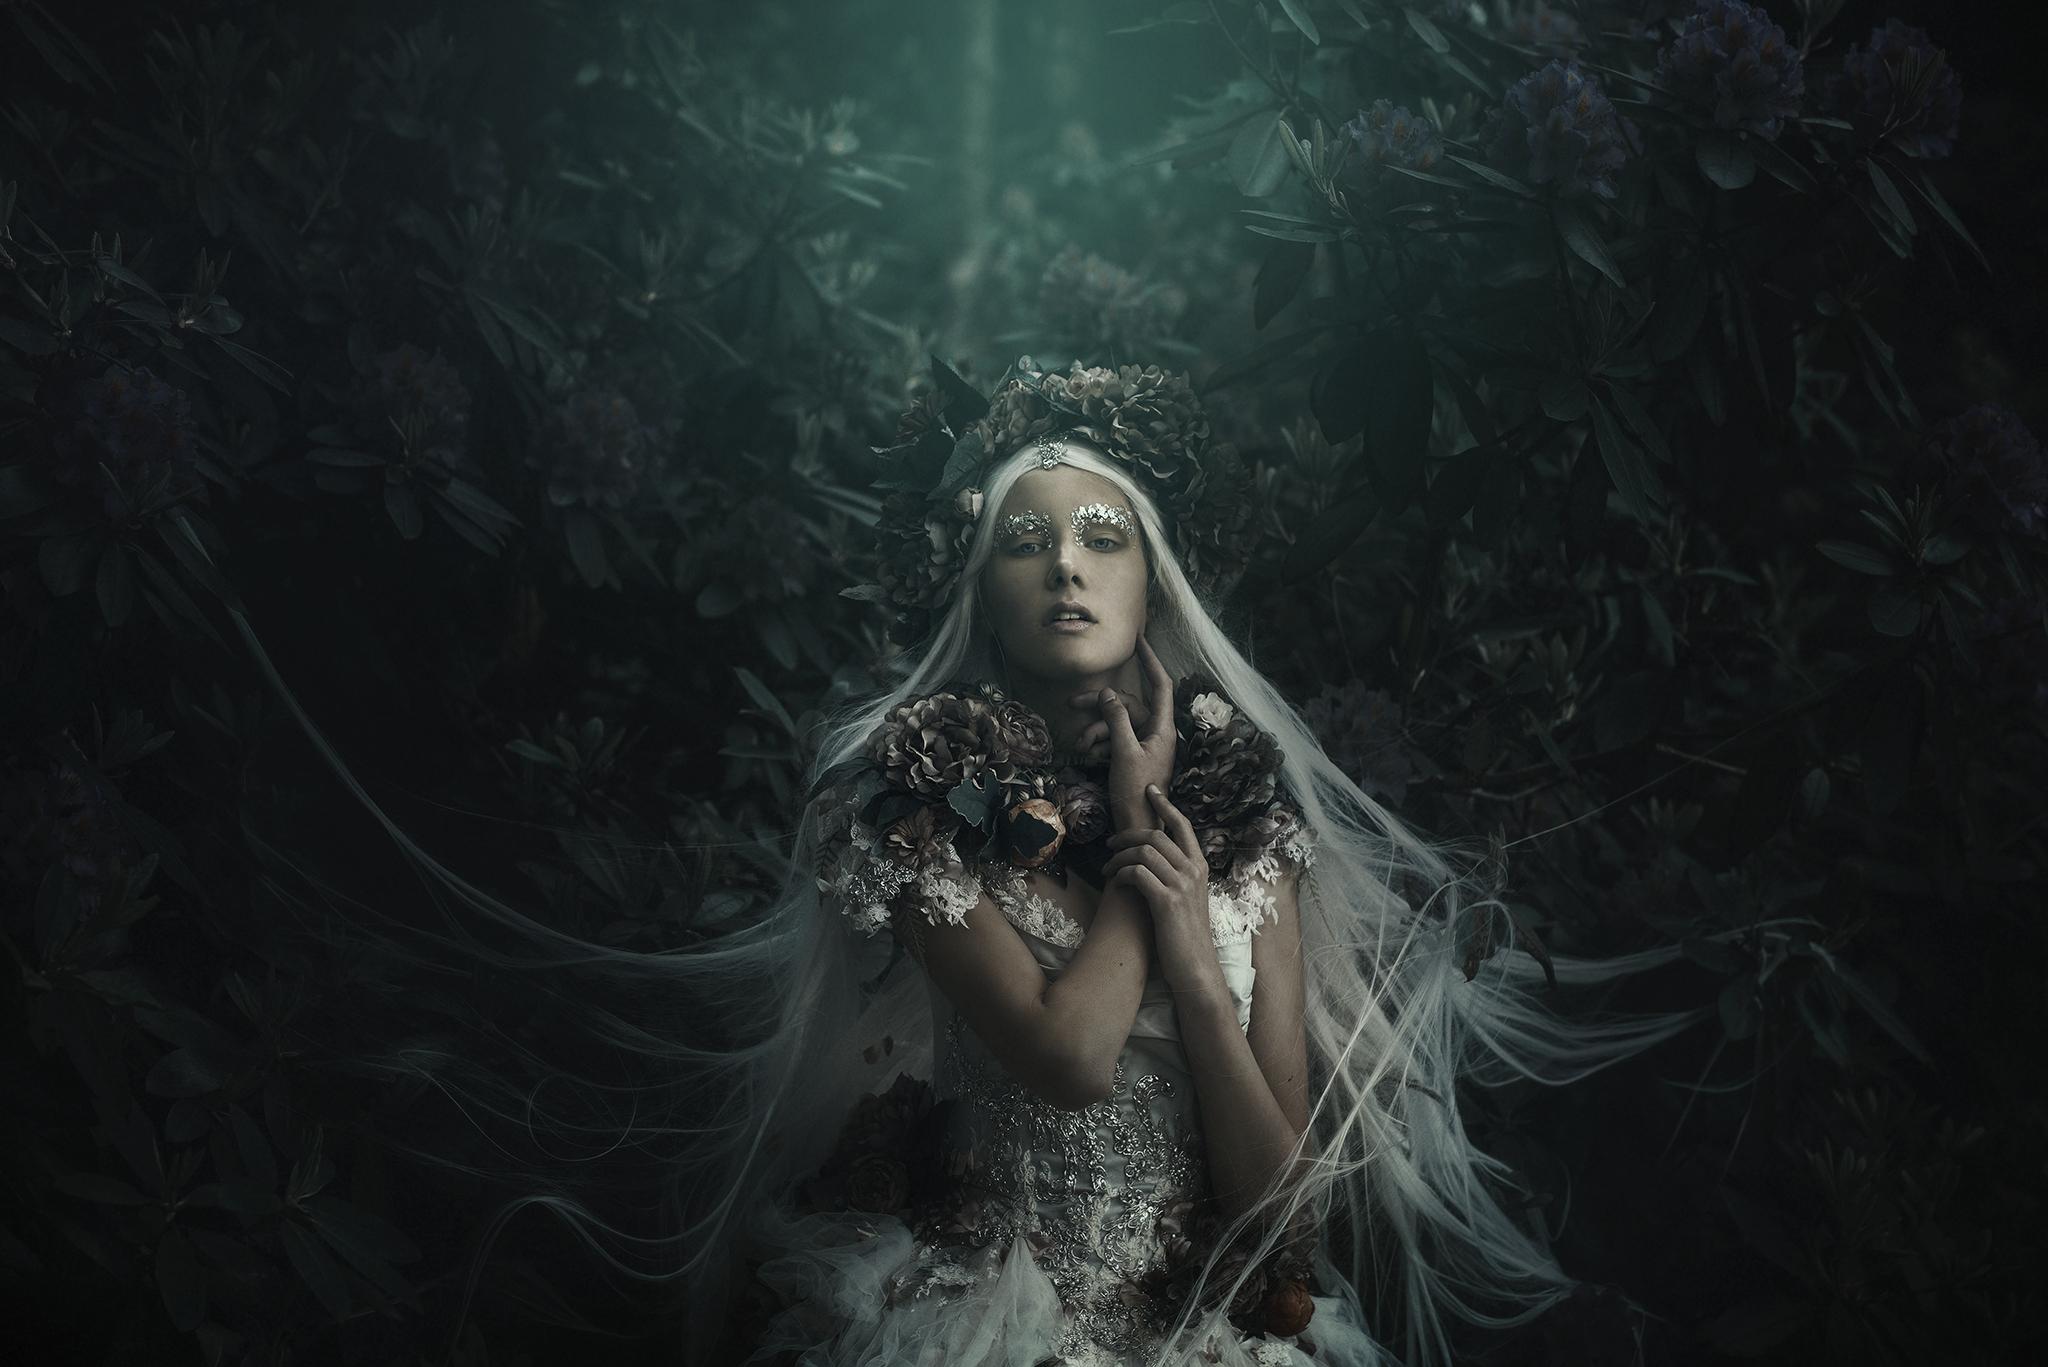 0468_mikaelaholmberg-fineart-morkcollective-mirjamlehtonen-costumeart-fairytale.jpg